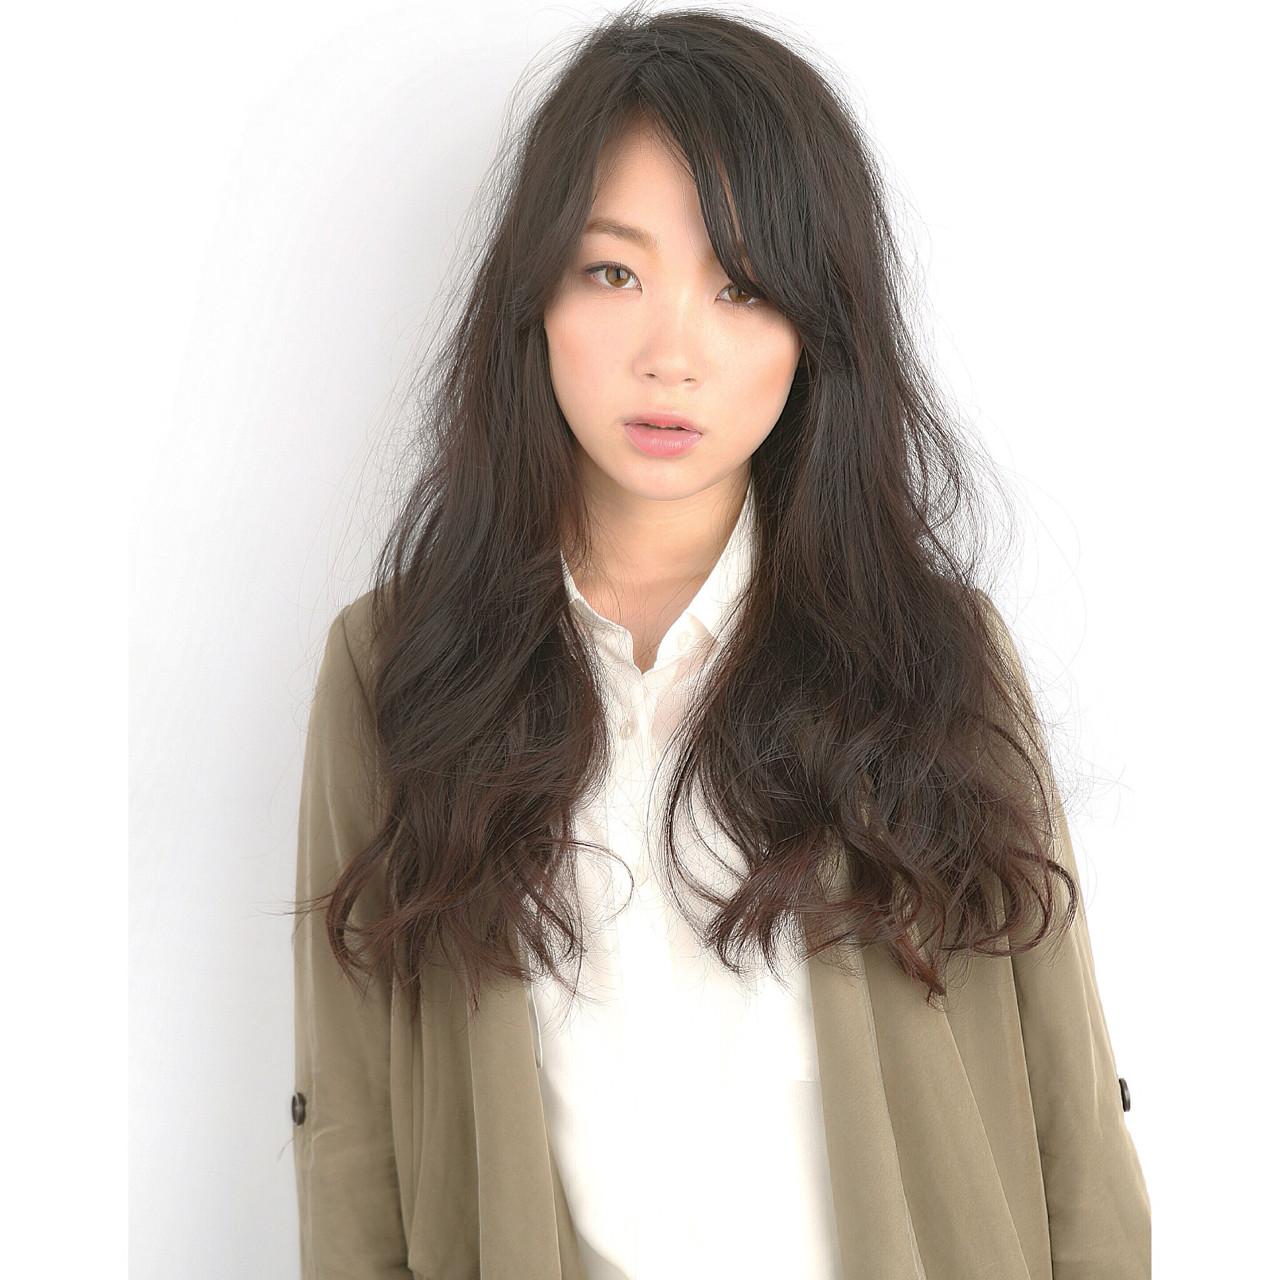 モード 暗髪 ロング 抜け感 ヘアスタイルや髪型の写真・画像 | 池田 コウイチ / SARAJU三田店